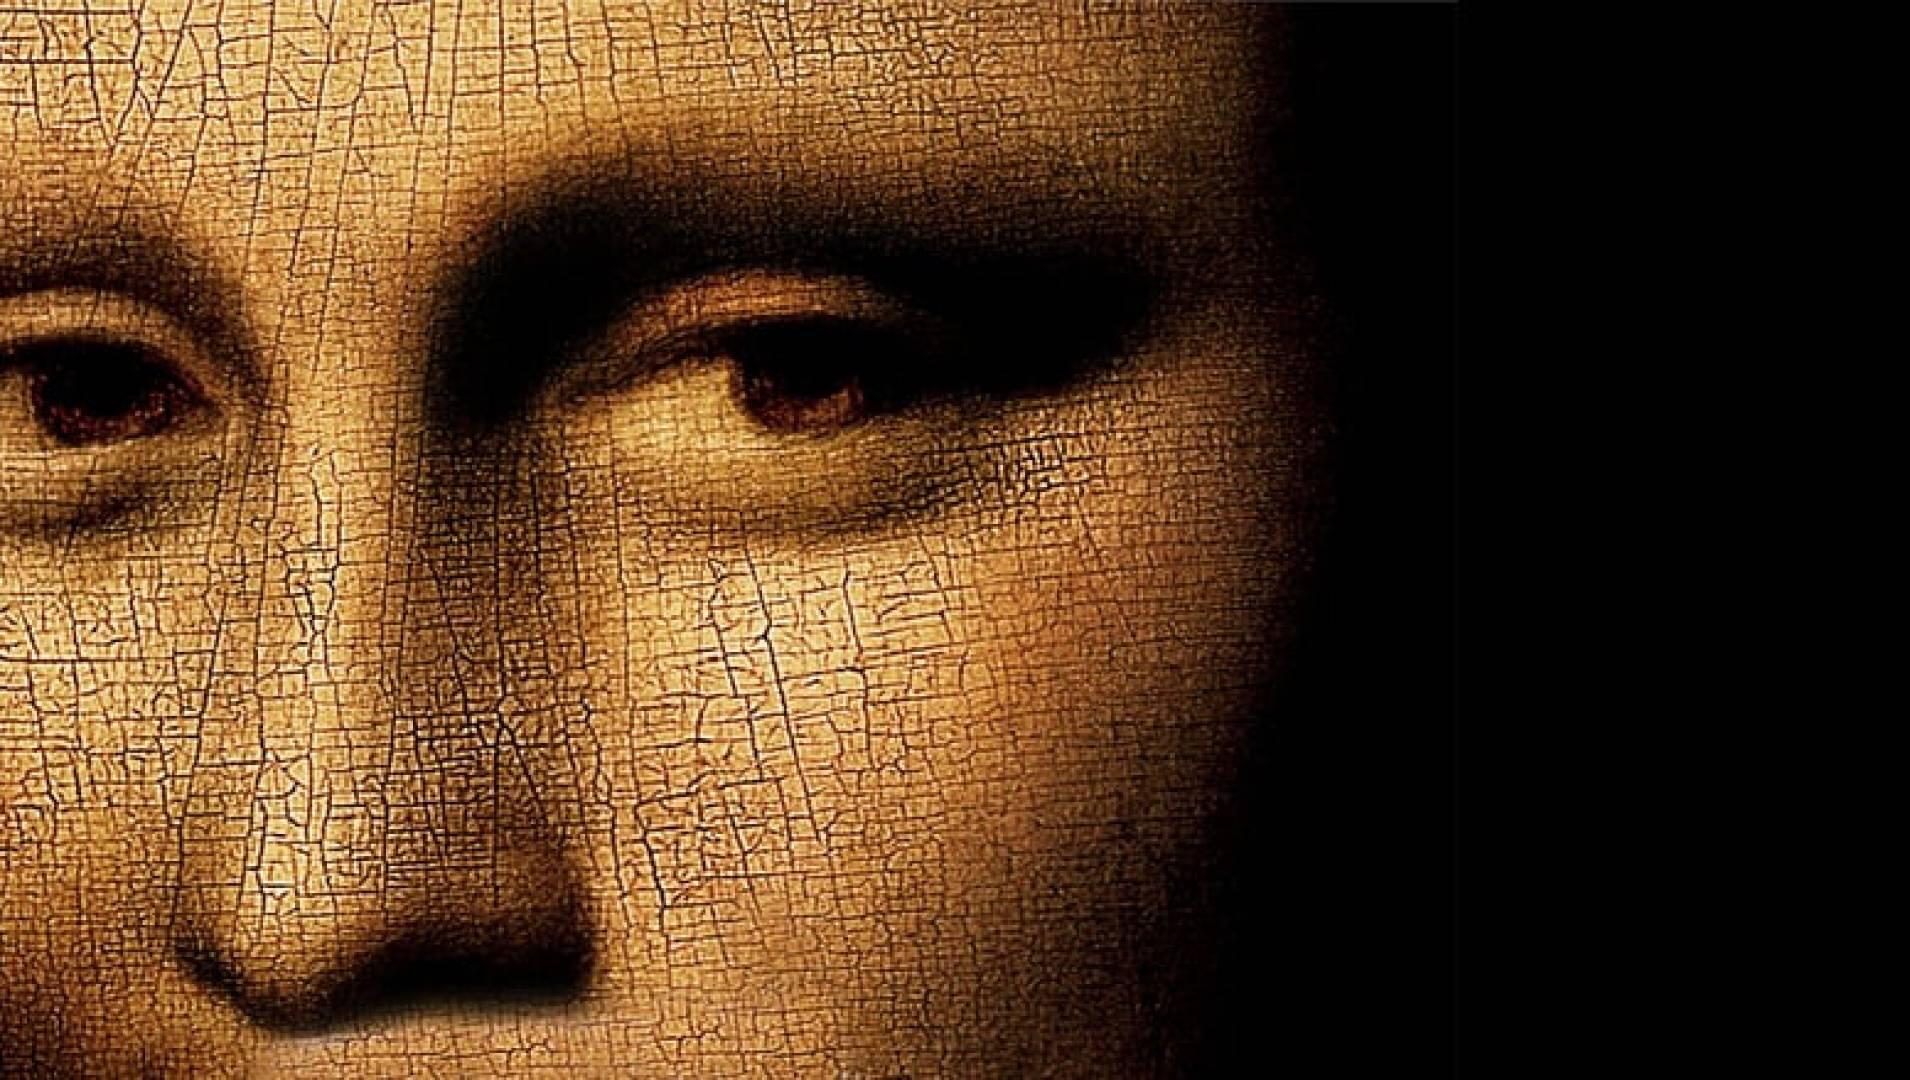 Тайная история искусства - Документальный фильм